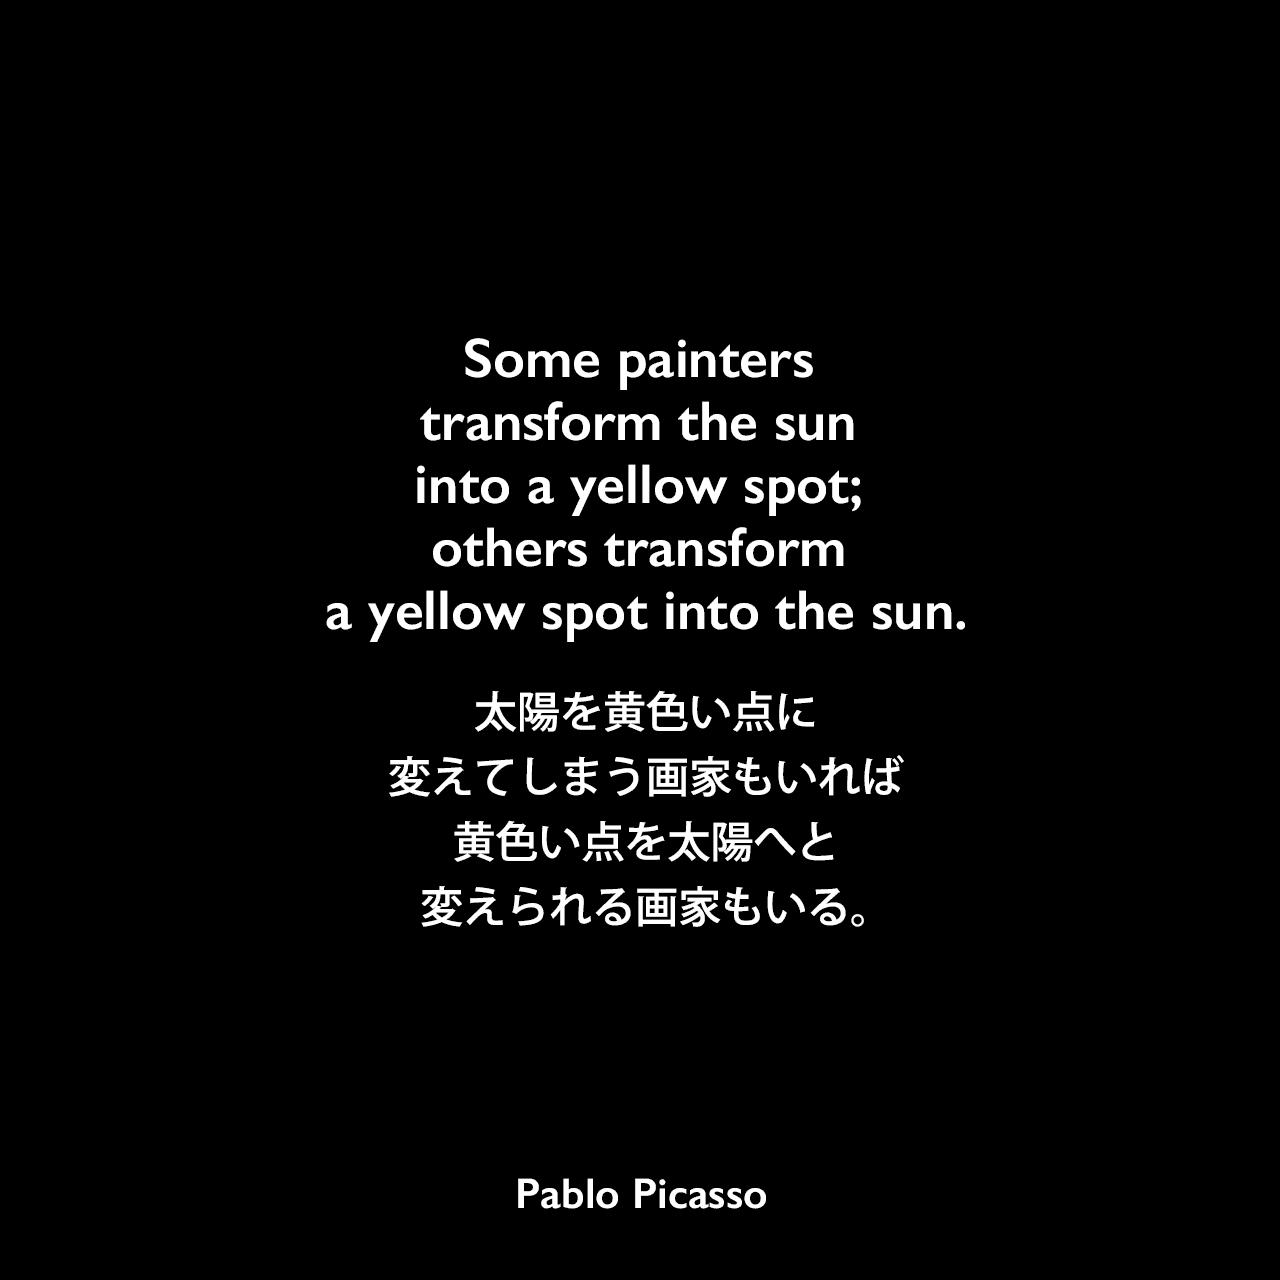 Some painters transform the sun into a yellow spot; others transform a yellow spot into the sun.太陽を黄色い点に変えてしまう画家もいれば、黄色い点を太陽へと変えられる画家もいる。- セルゲイ・エイゼンシュテインの本「The Film Sense」よりPablo Picasso